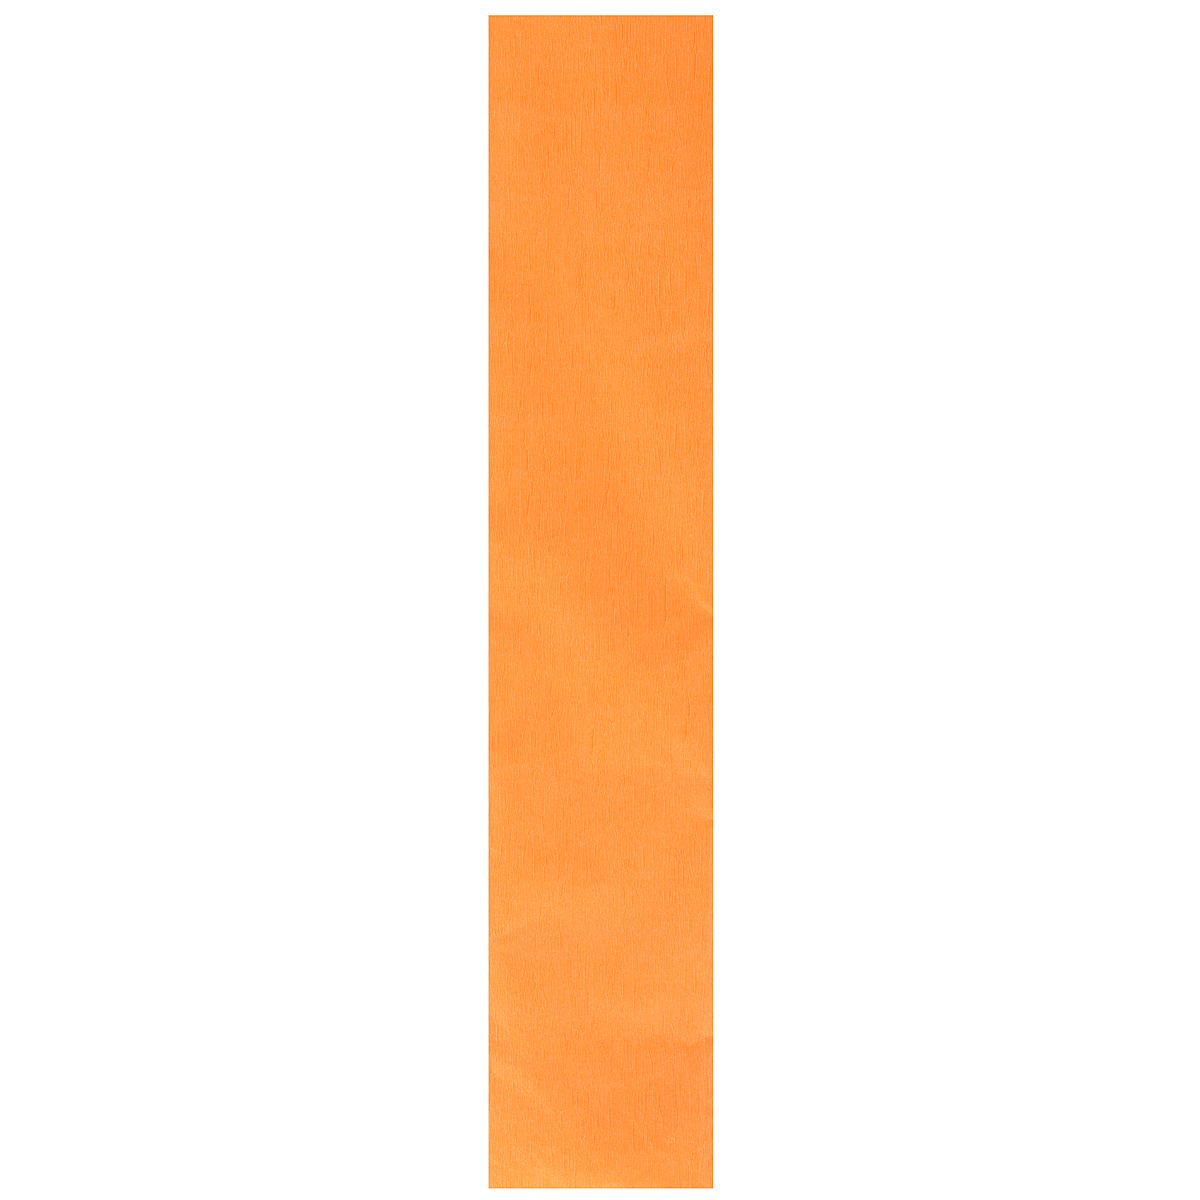 Бумага крепированная Проф-Пресс, флюоресцентная, цвет: оранжевый, 50 см х 250 смБ-2306Крепированная флюоресцентная бумага Проф-Пресс - отличный вариант для воплощения творческих идей не только детей, но и взрослых. Она отлично подойдет для упаковки хрупких изделий, при оформлении букетов, создании сложных цветовых композиций, для декорирования и других оформительских работ. Бумага обладает повышенной прочностью и жесткостью, хорошо растягивается, имеет жатую поверхность.Кроме того, флюоресцентная бумага Проф-Пресс поможет увлечь ребенка, развивая интерес к художественному творчеству, эстетический вкус и восприятие, увеличивая желание делать подарки своими руками, воспитывая самостоятельность и аккуратность в работе. Такая бумага поможет вашему ребенку раскрыть свои таланты.